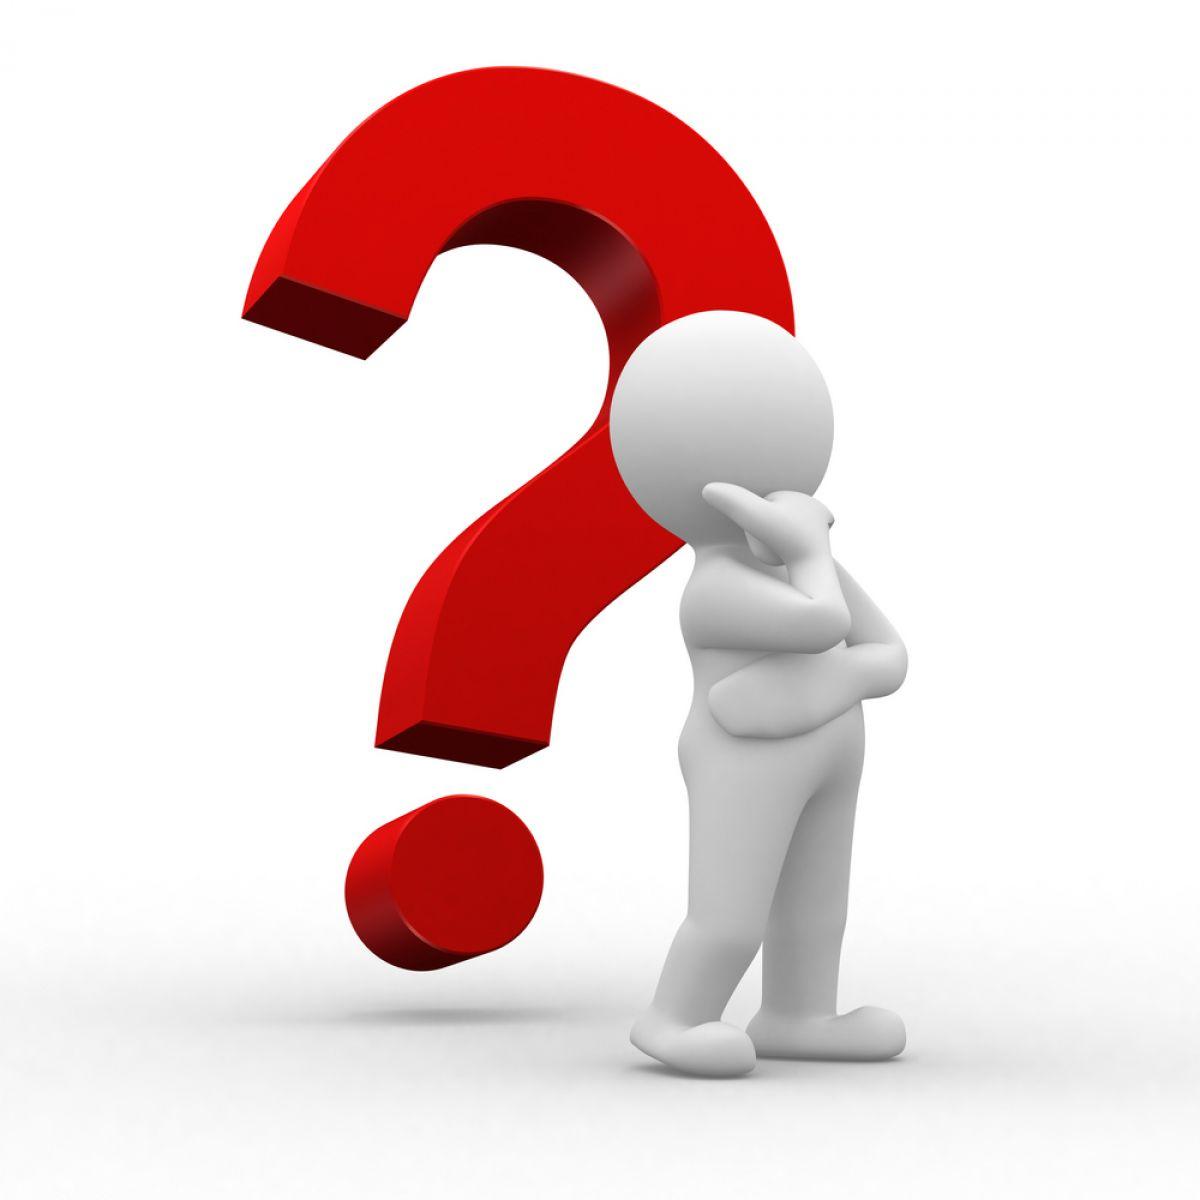 Verandert er iets voor mij op 1 januari 2015? - Blog ...